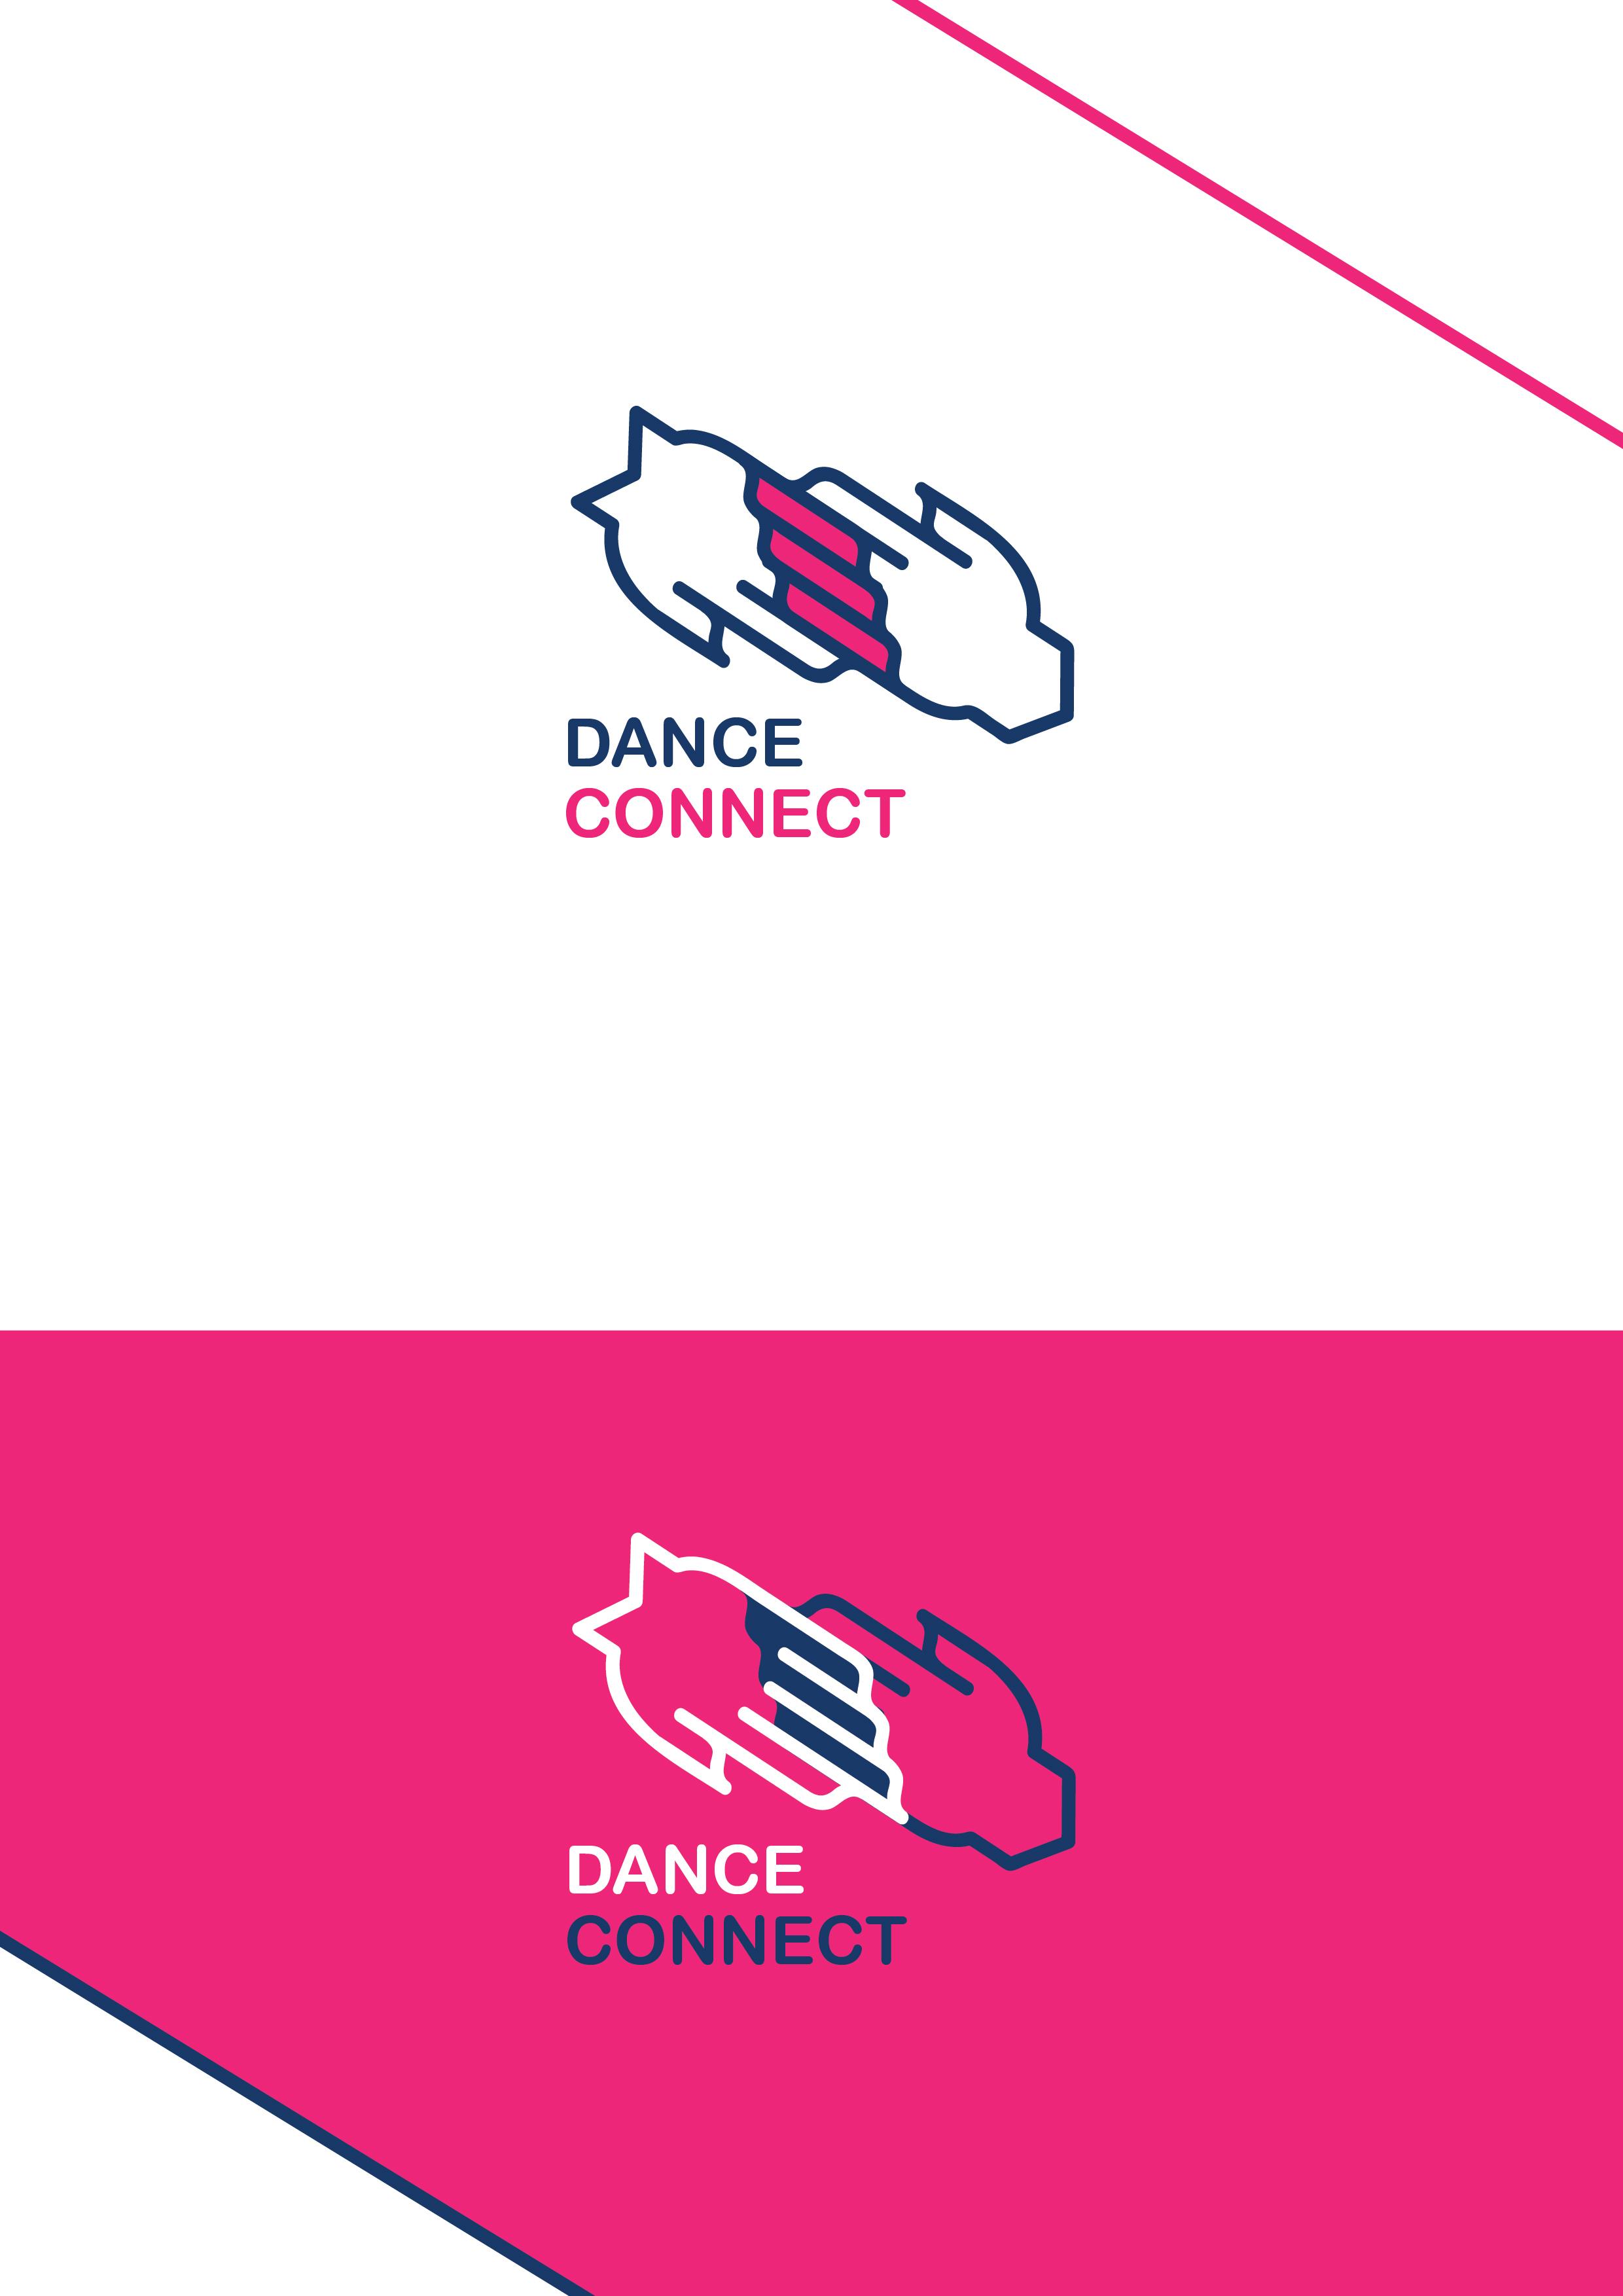 Разработка лого для спортивного портала www.danceconnect.ru фото f_0625b428dd540686.jpg